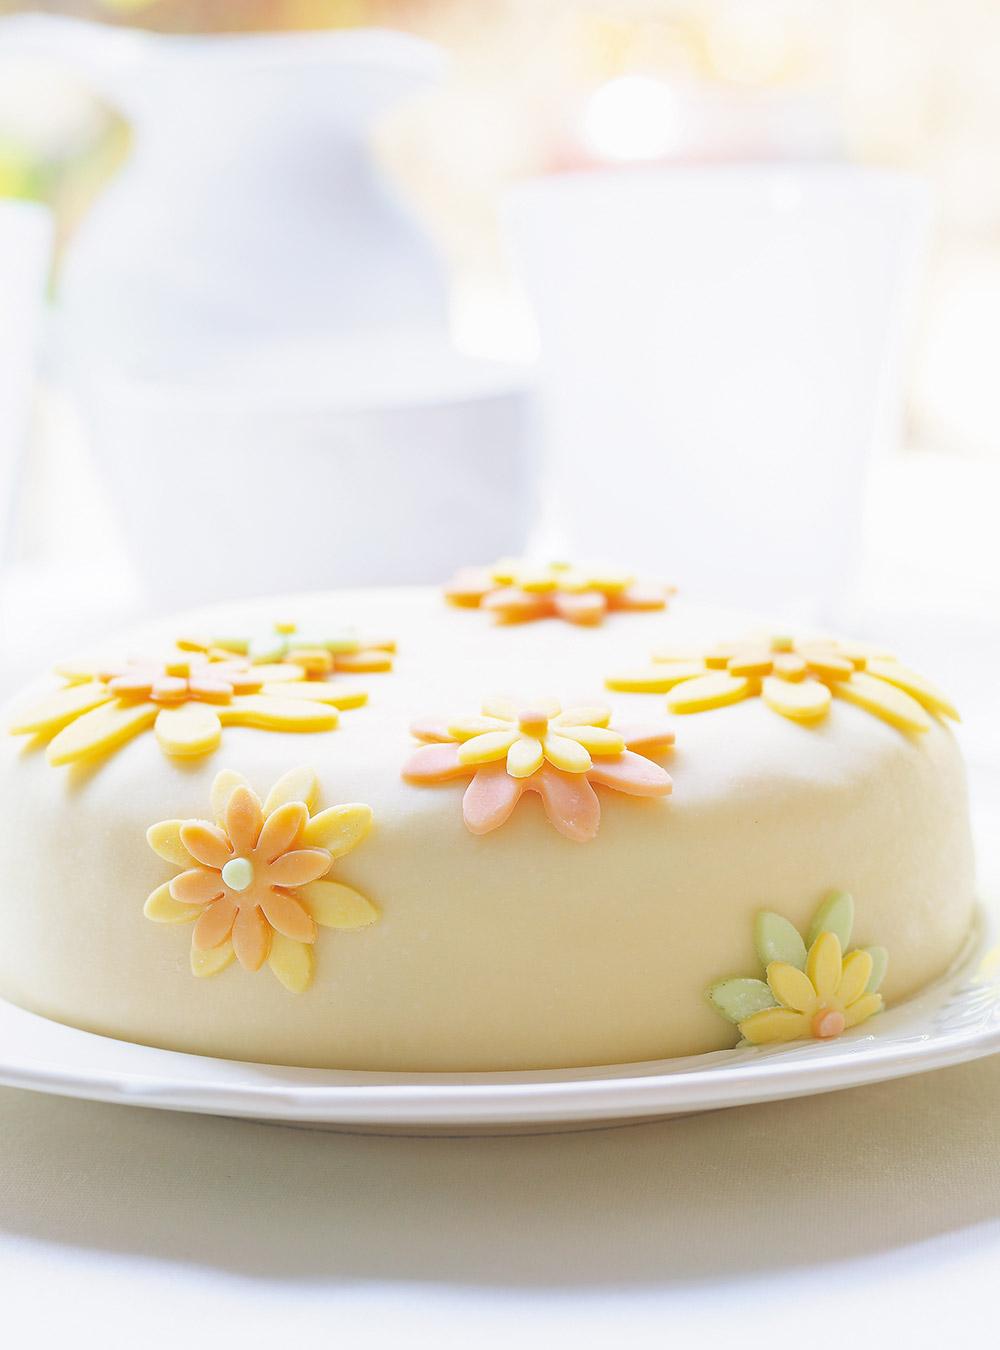 Gâteau à la vanille et à la gelée de petits fruits, pâte au chocolat blanc